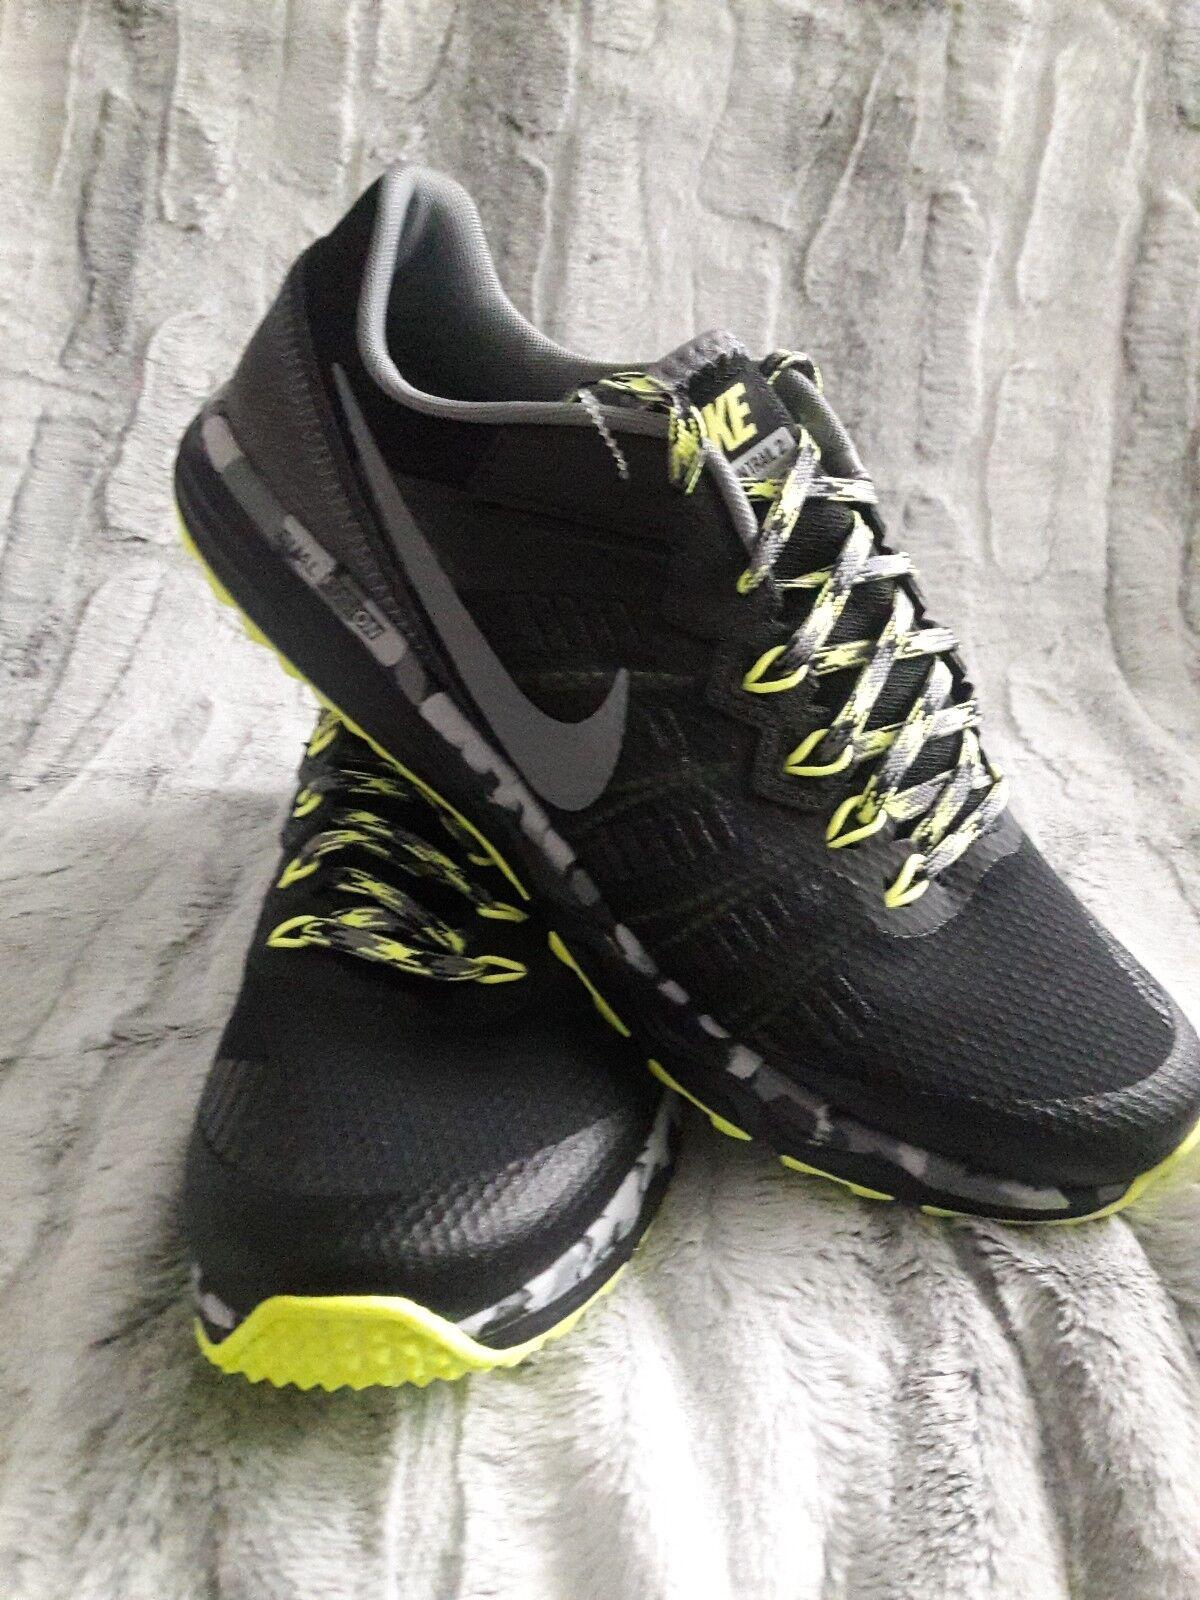 nike double fusion trail 2 hommes est est hommes Basket s / chaussures taille 11 noir / volt Vert  nouveau 974d5a